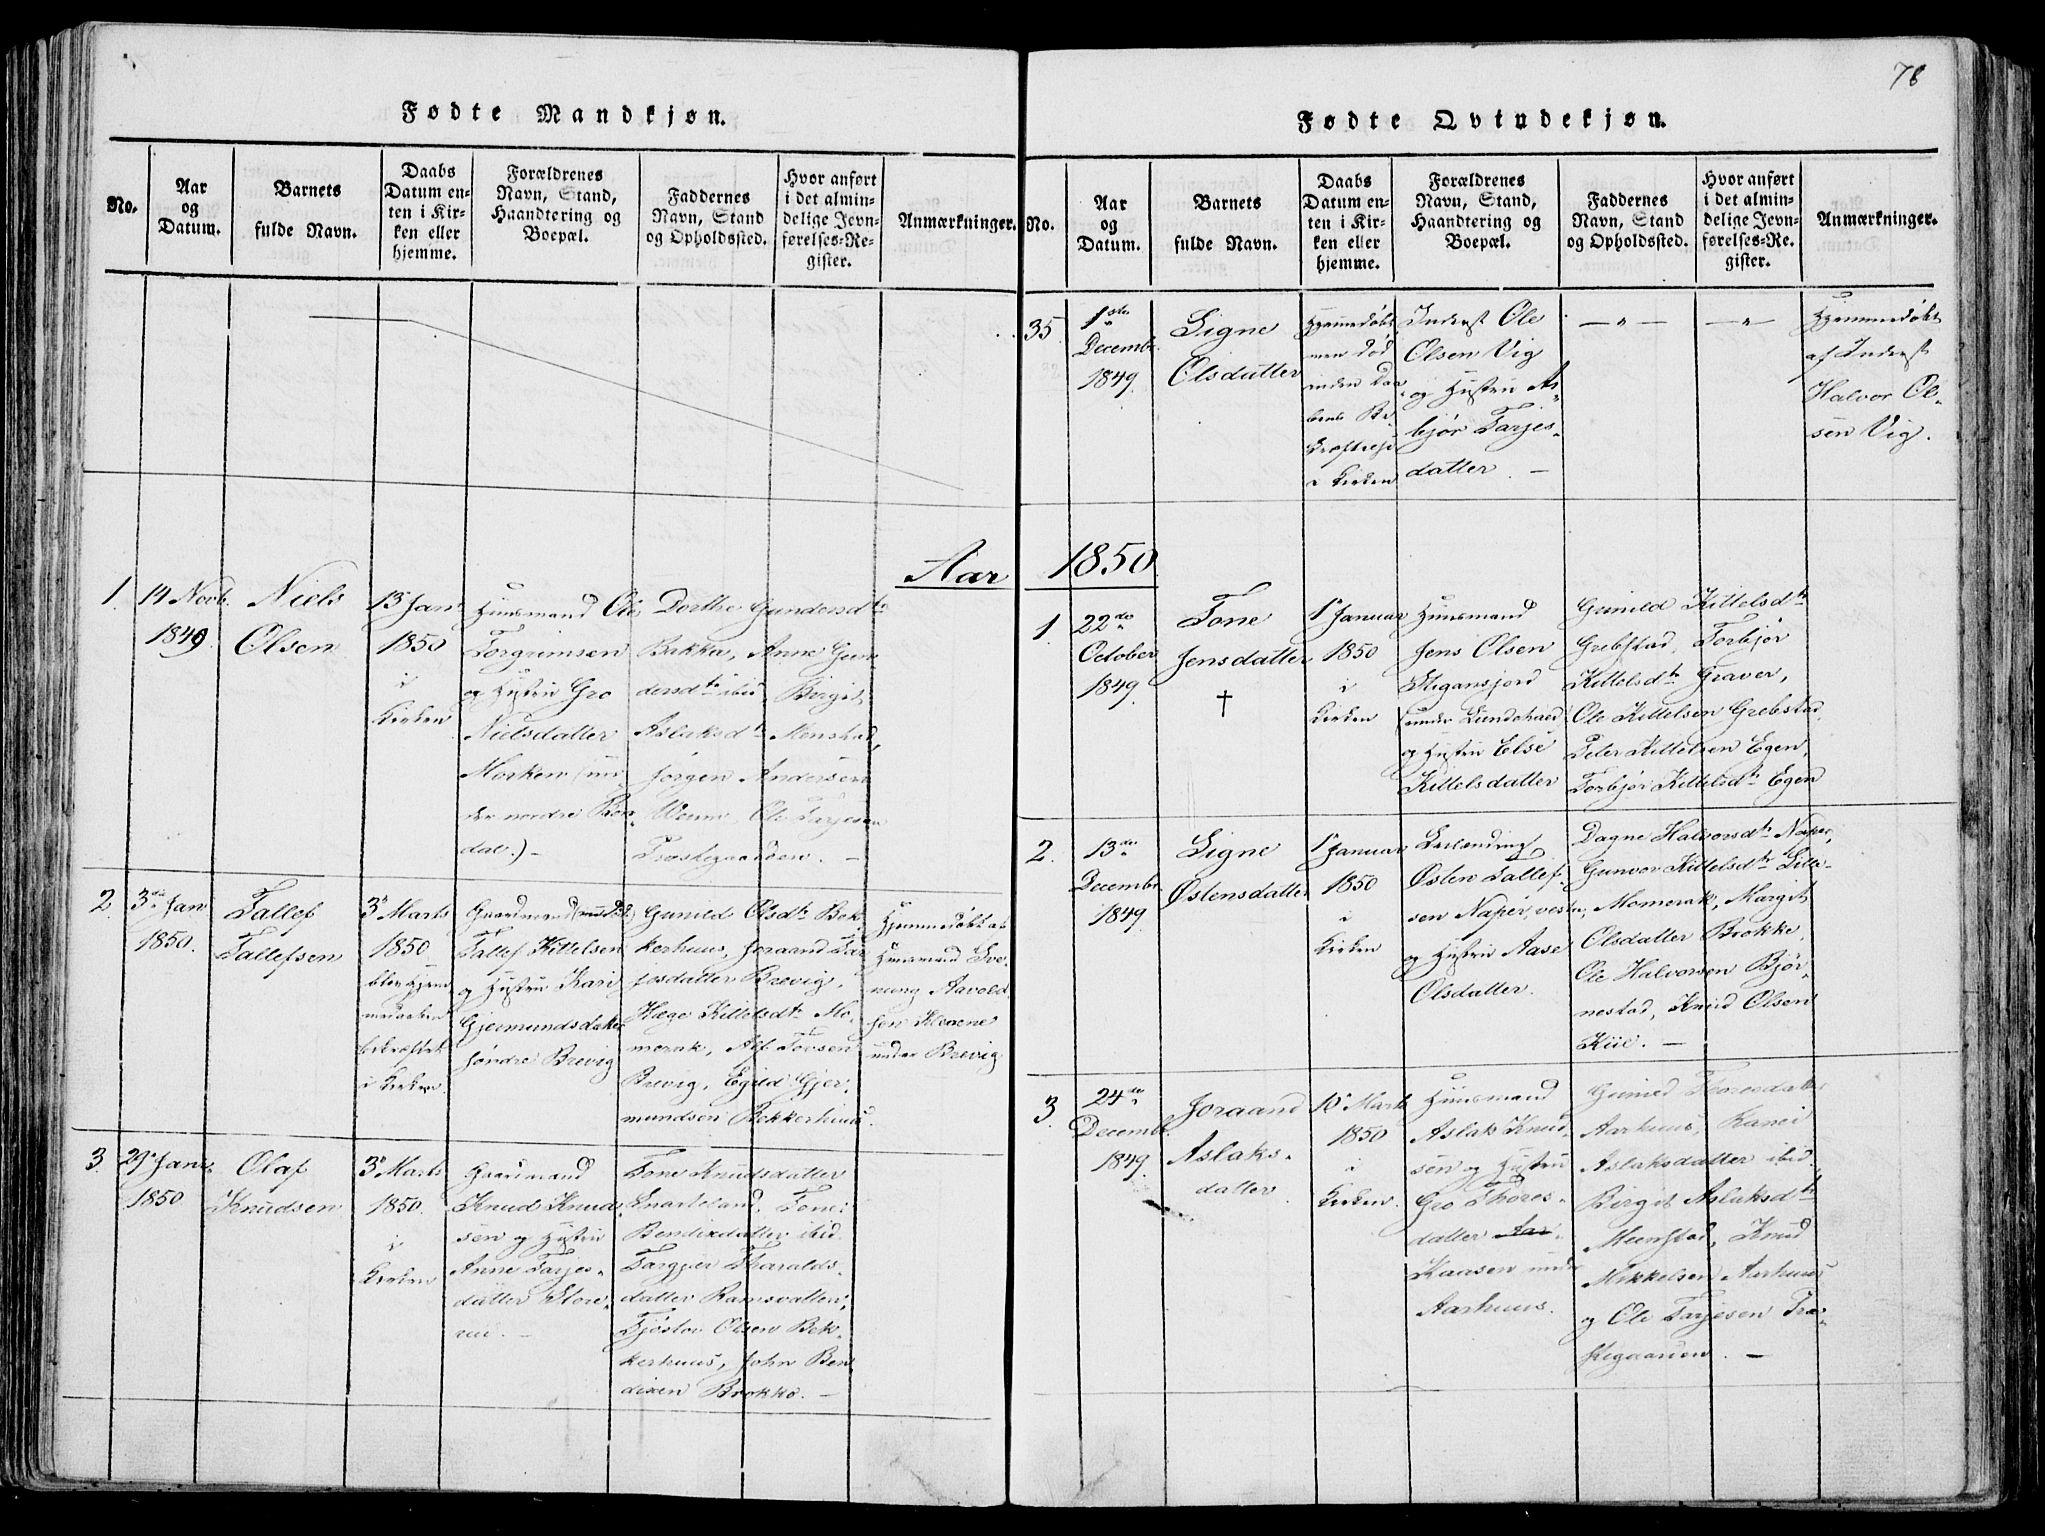 SAKO, Fyresdal kirkebøker, F/Fa/L0004: Ministerialbok nr. I 4, 1815-1854, s. 78